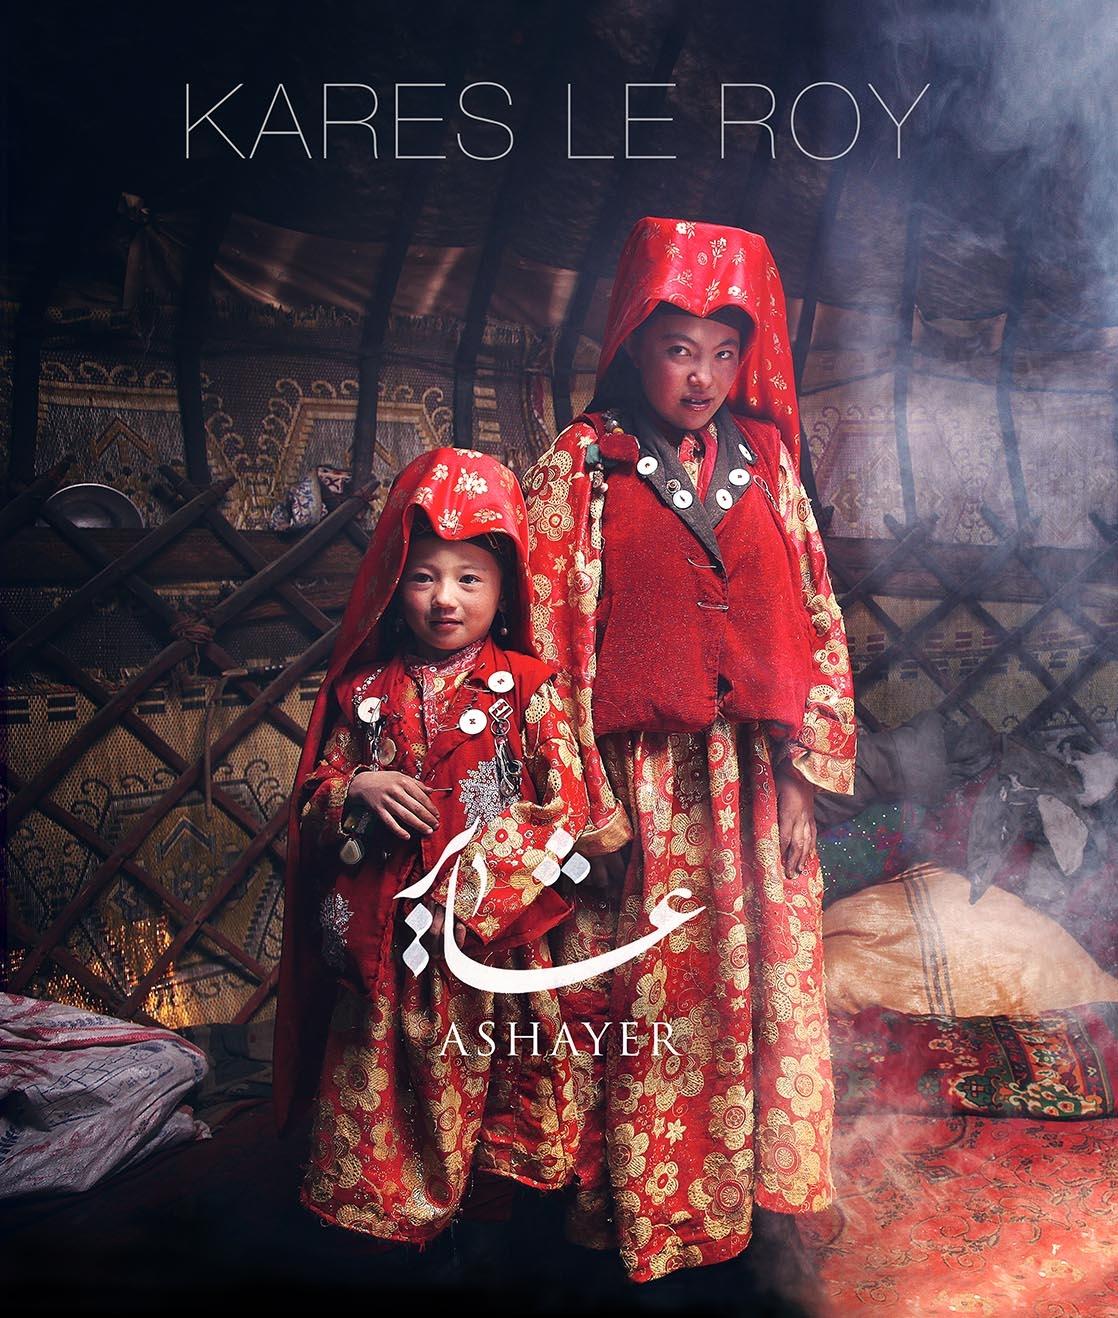 Couverture du livre Ashayer de Kares Le Roy, deux filles de la tribu des Kirghizes dans leur yourte, en tenue traditionnelle